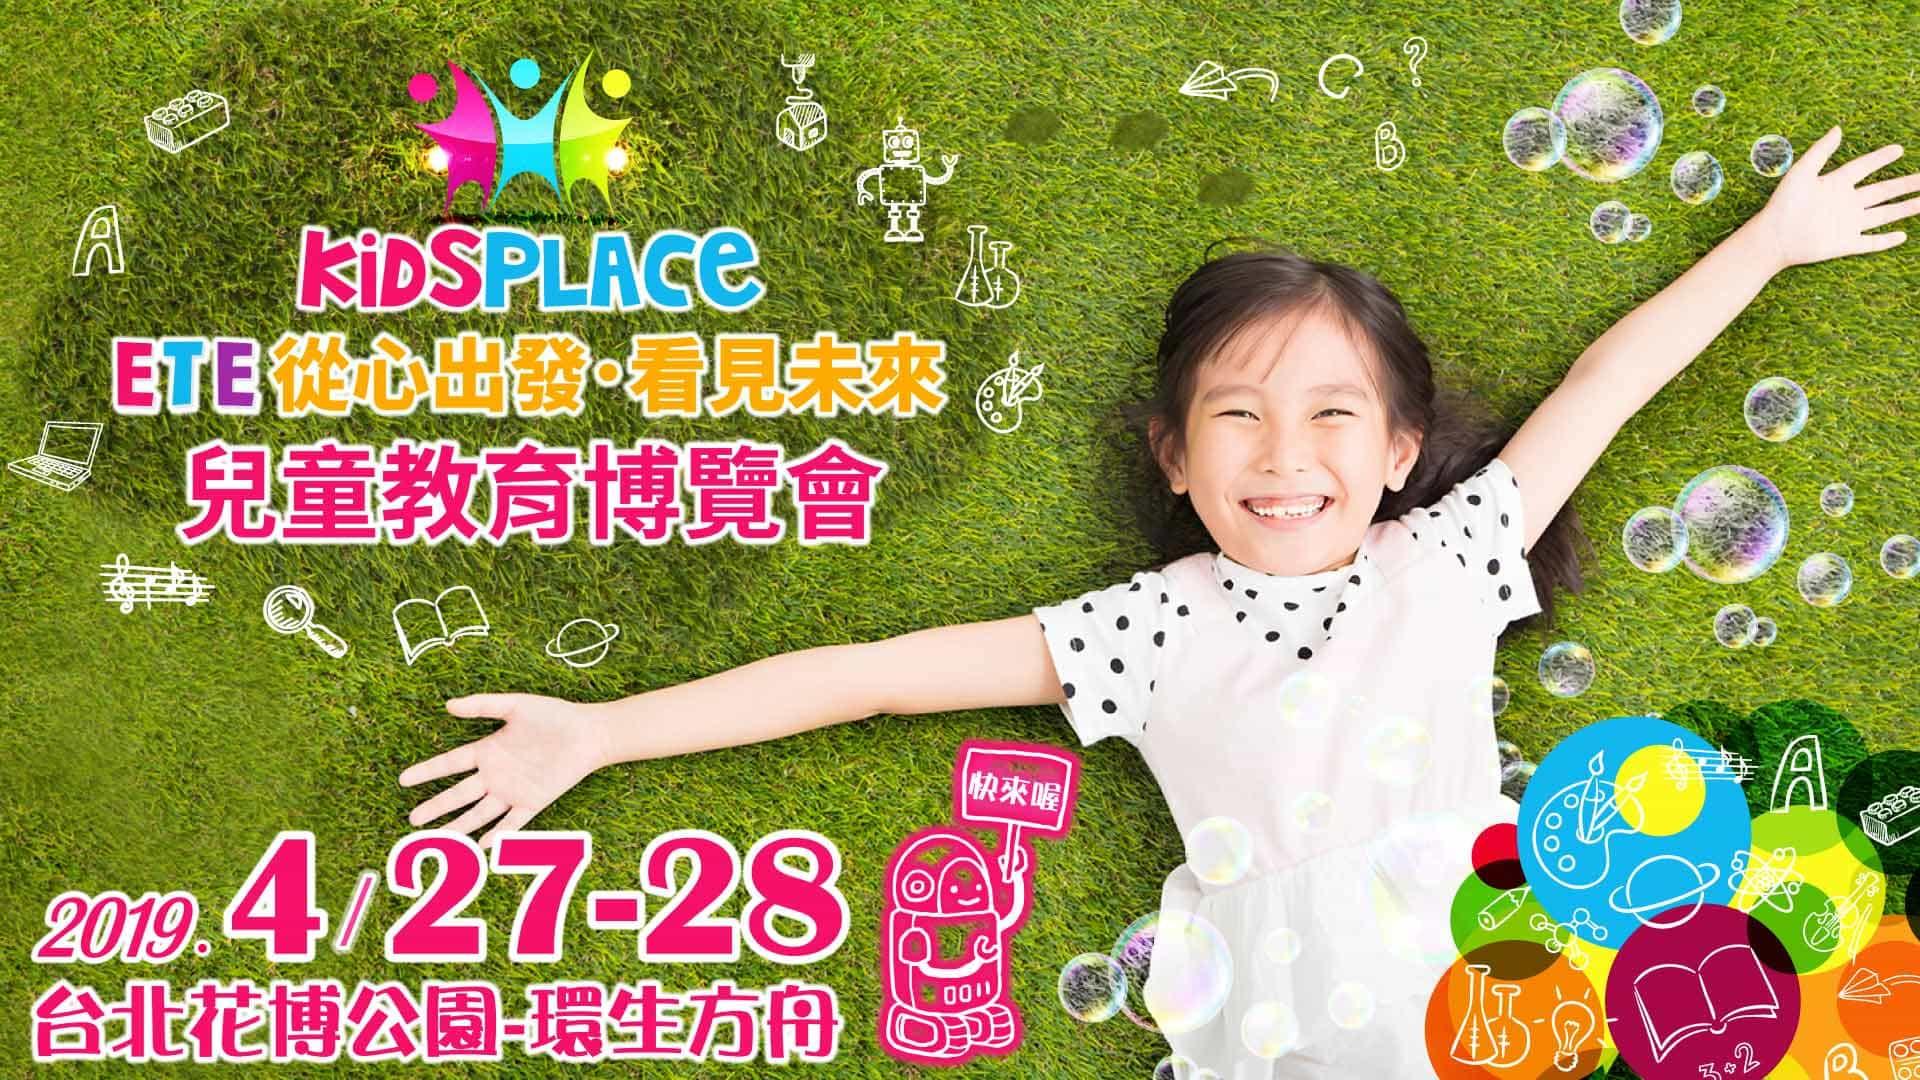 從心出發看見未來.兒童教育博覽會 Education Trend Expo